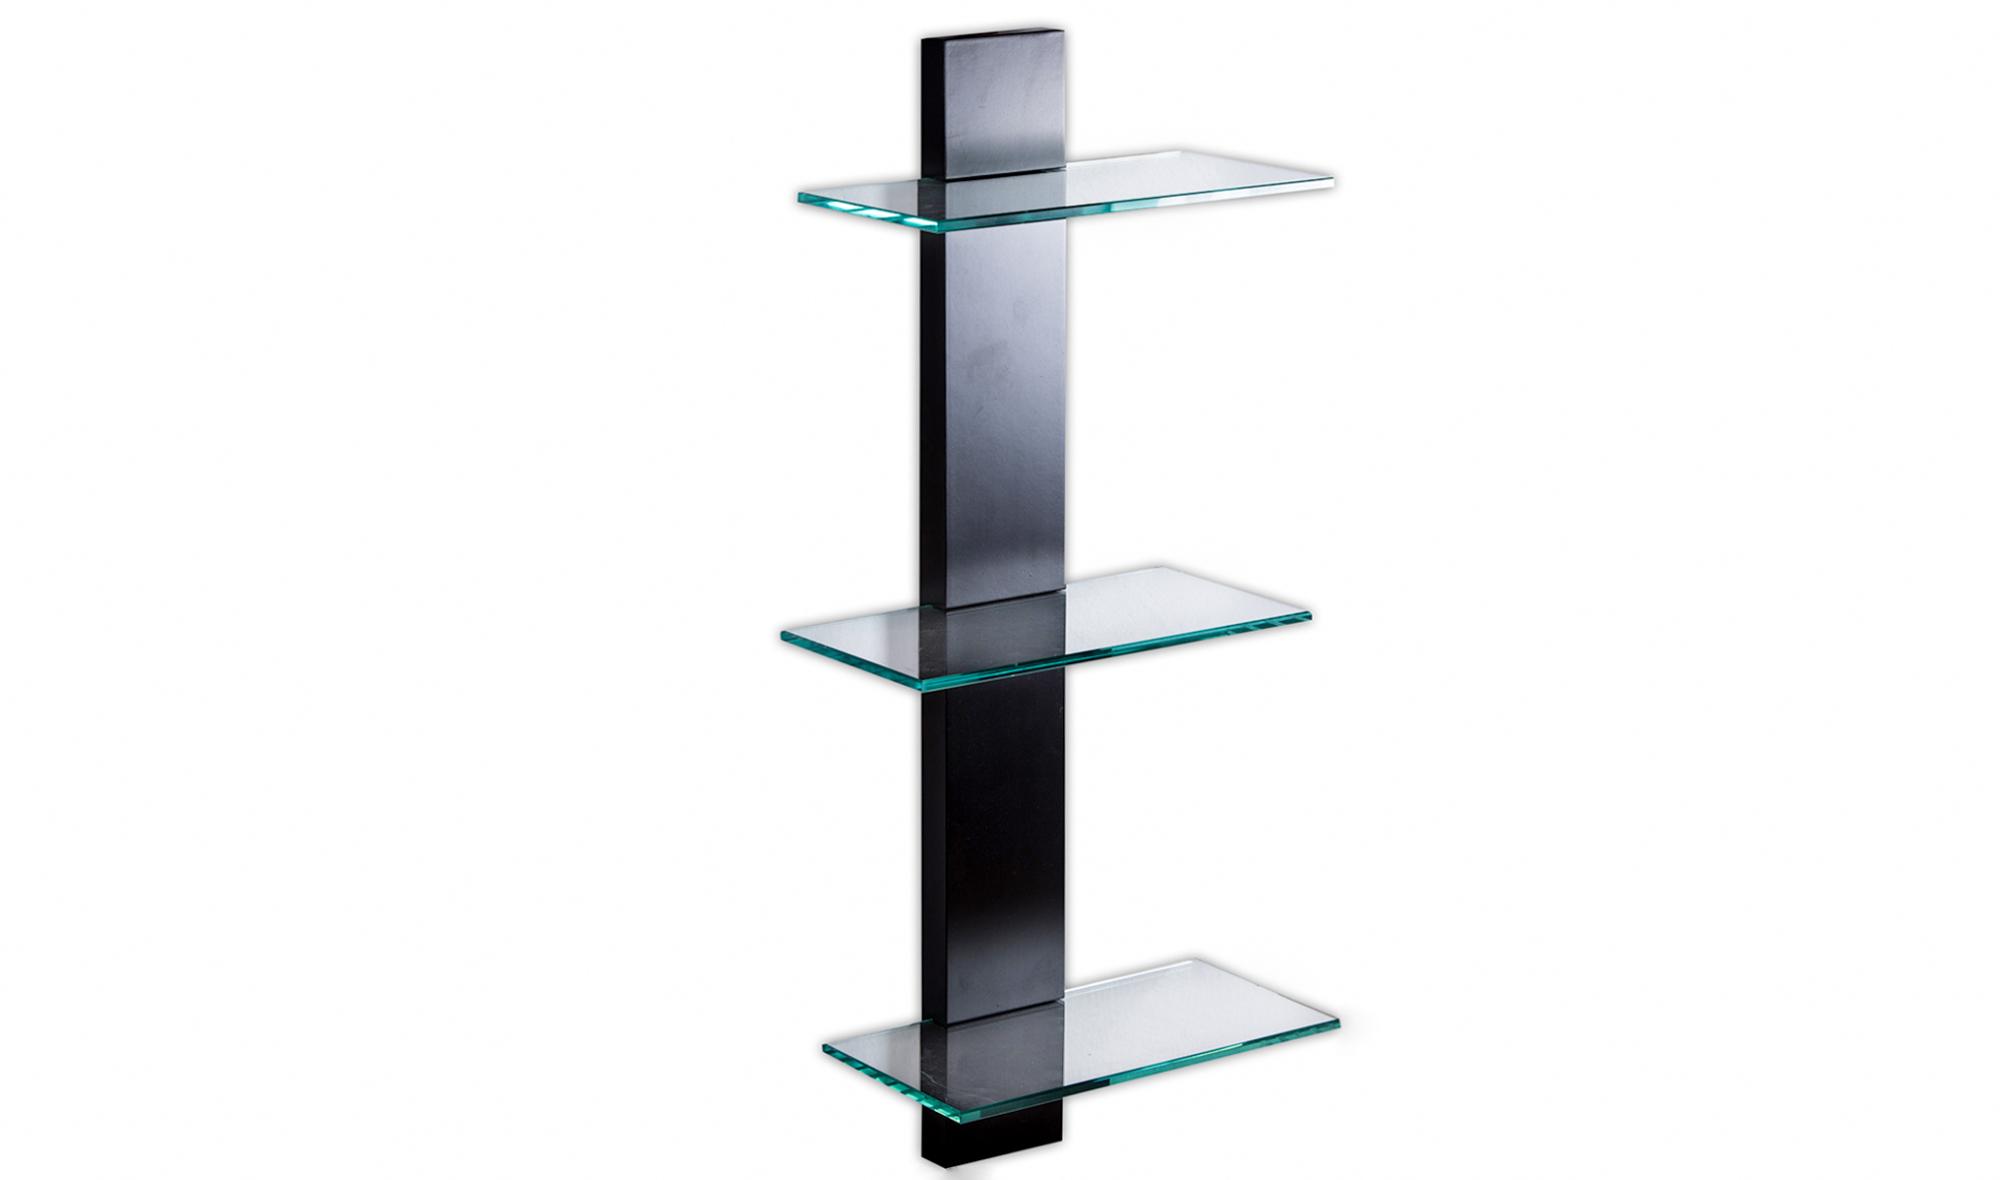 Estantera negra con cristal 3 estantes en Portobellostreetes